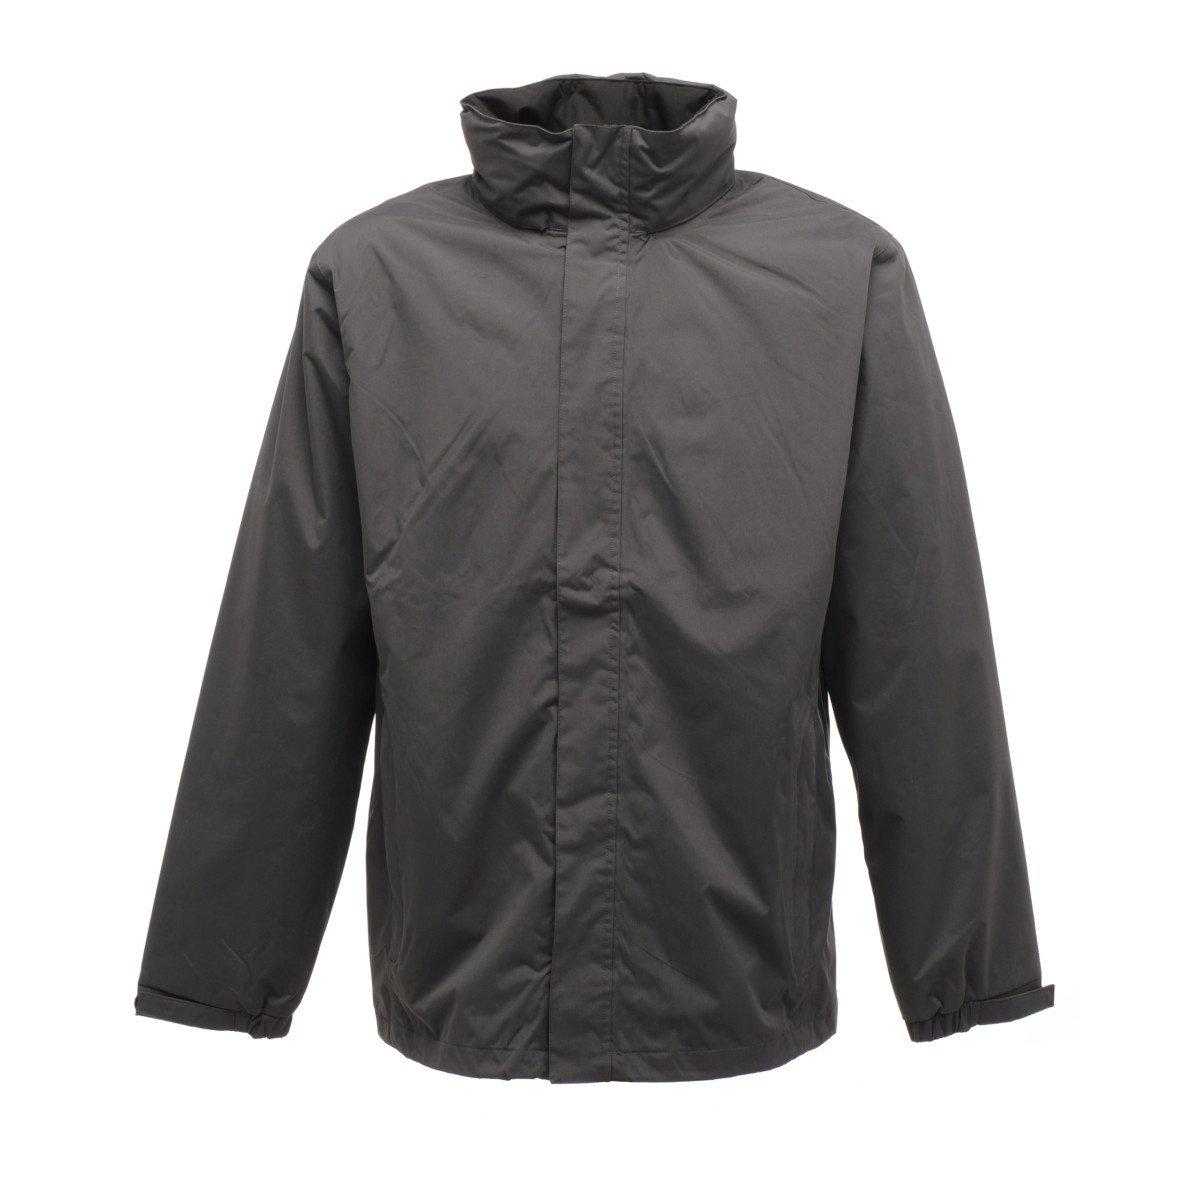 gris Noir 3XL Regatta Ardmore - Veste coupe-vent et imperméable - Homme